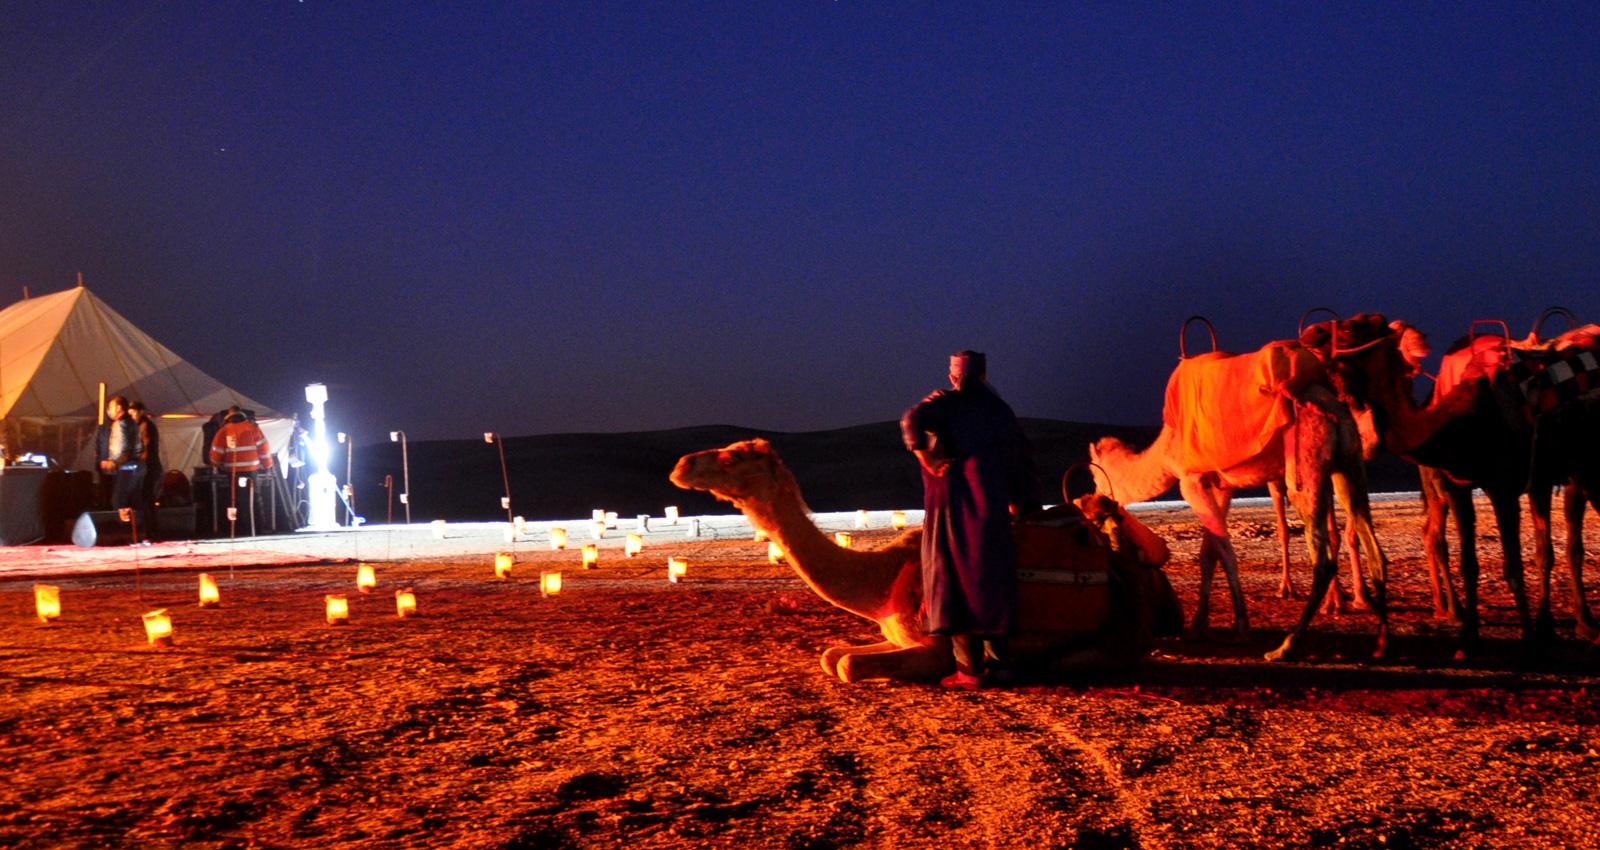 السياحة الصحراوية في المغرب